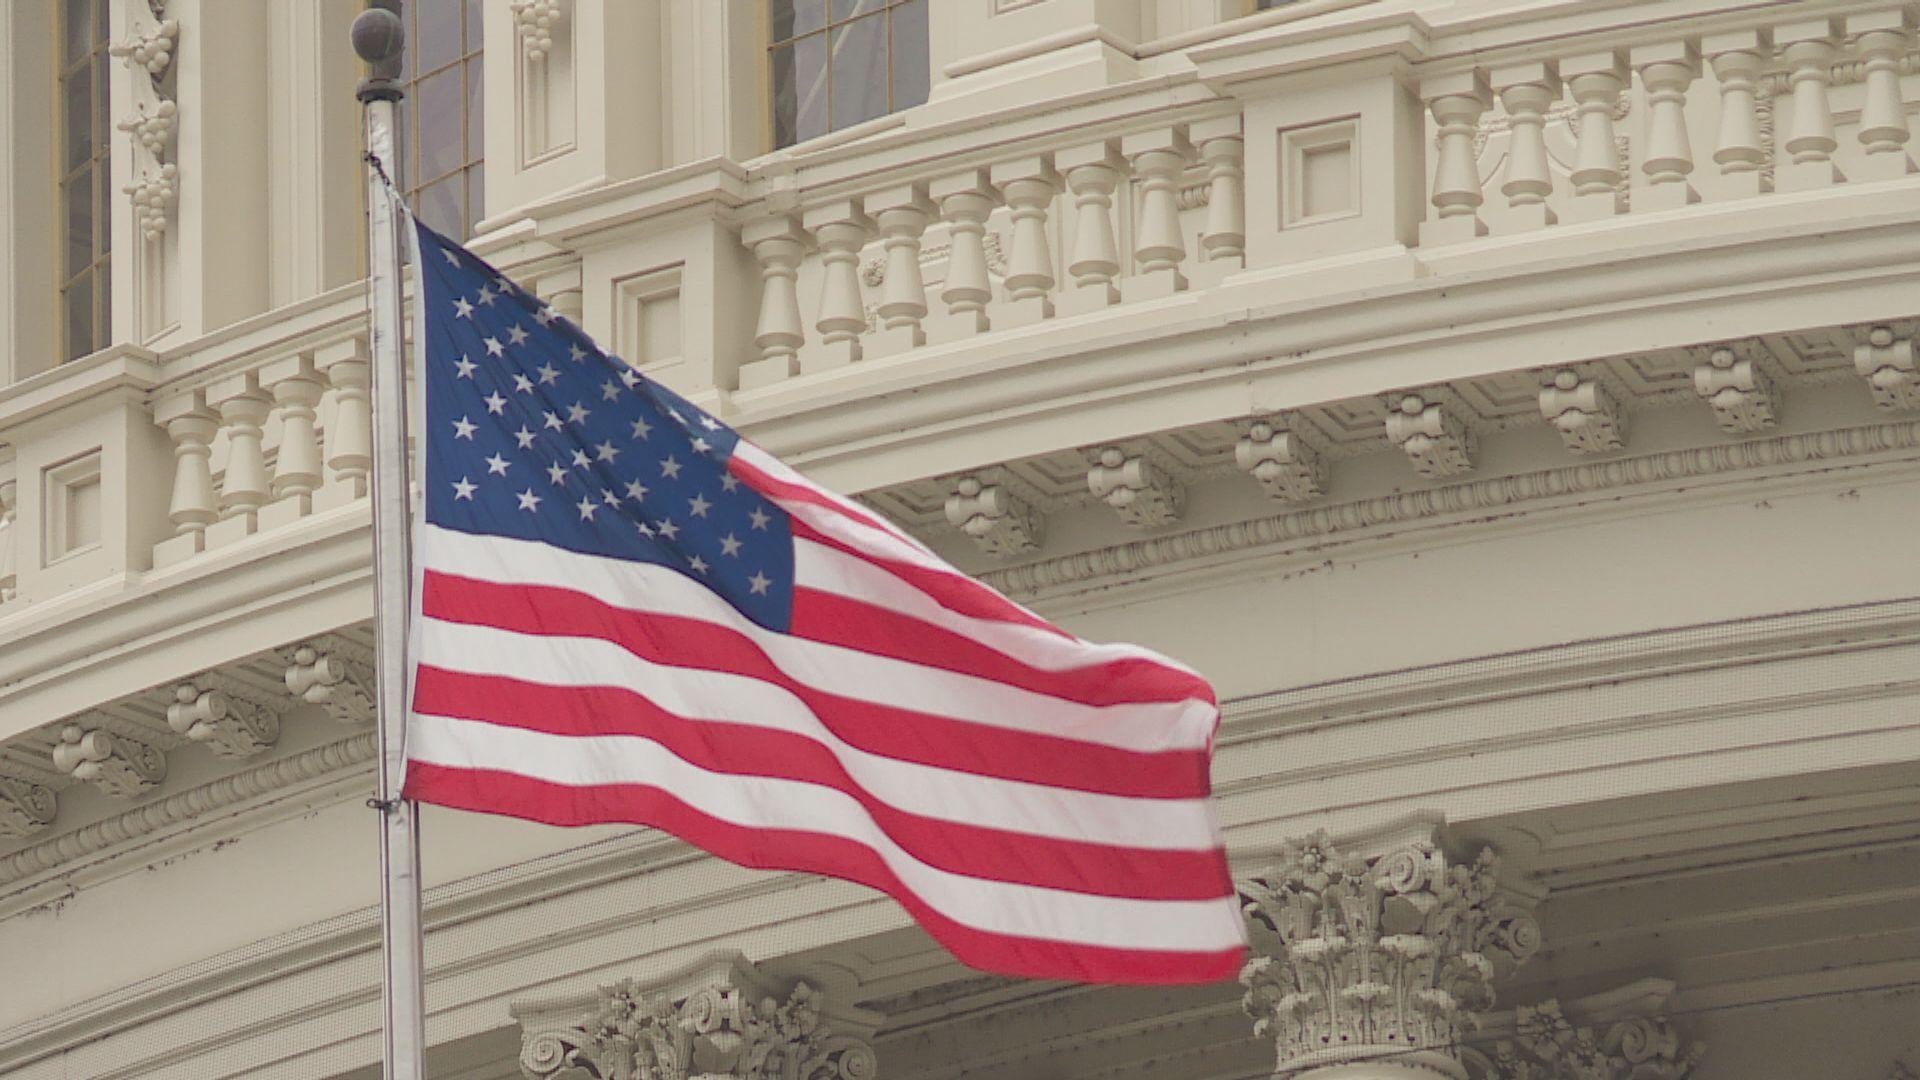 消息指美國準備暫停與港引渡協議